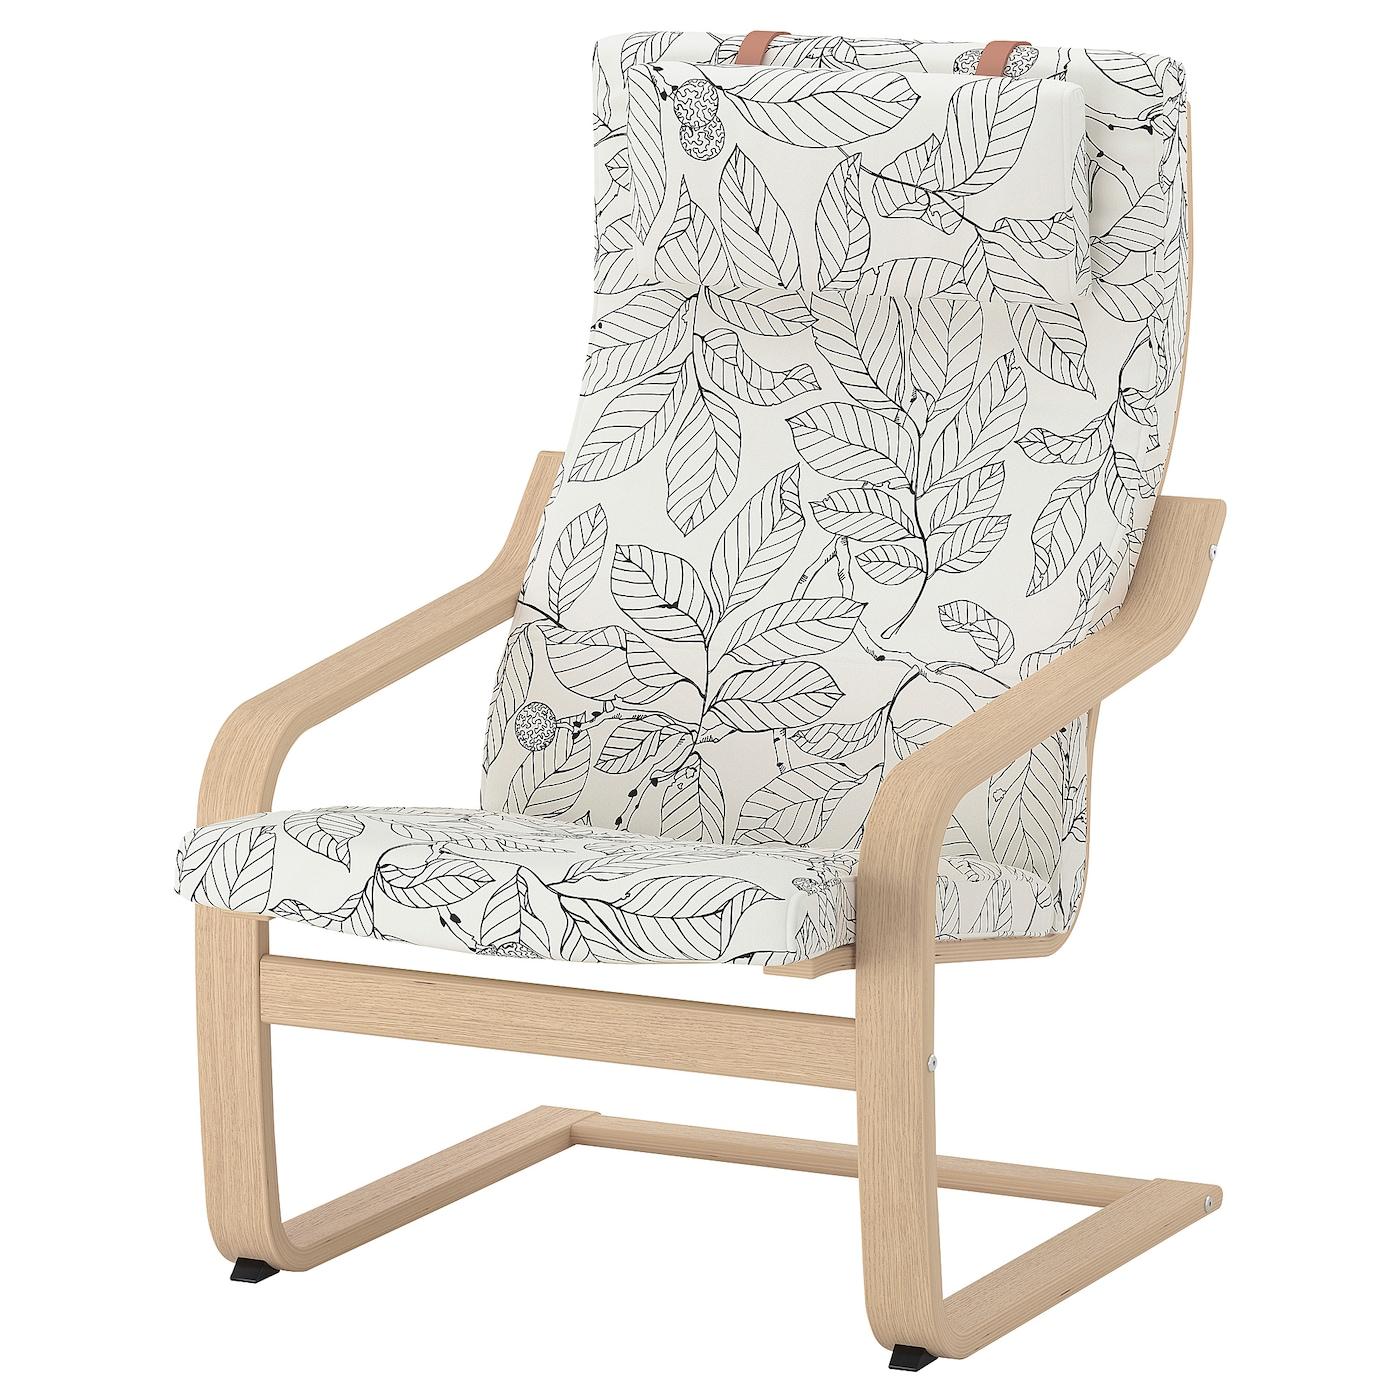 IKEA POÄNG Fotel, okleina dębowa bejcowana na biało, Vislanda czarny/biały